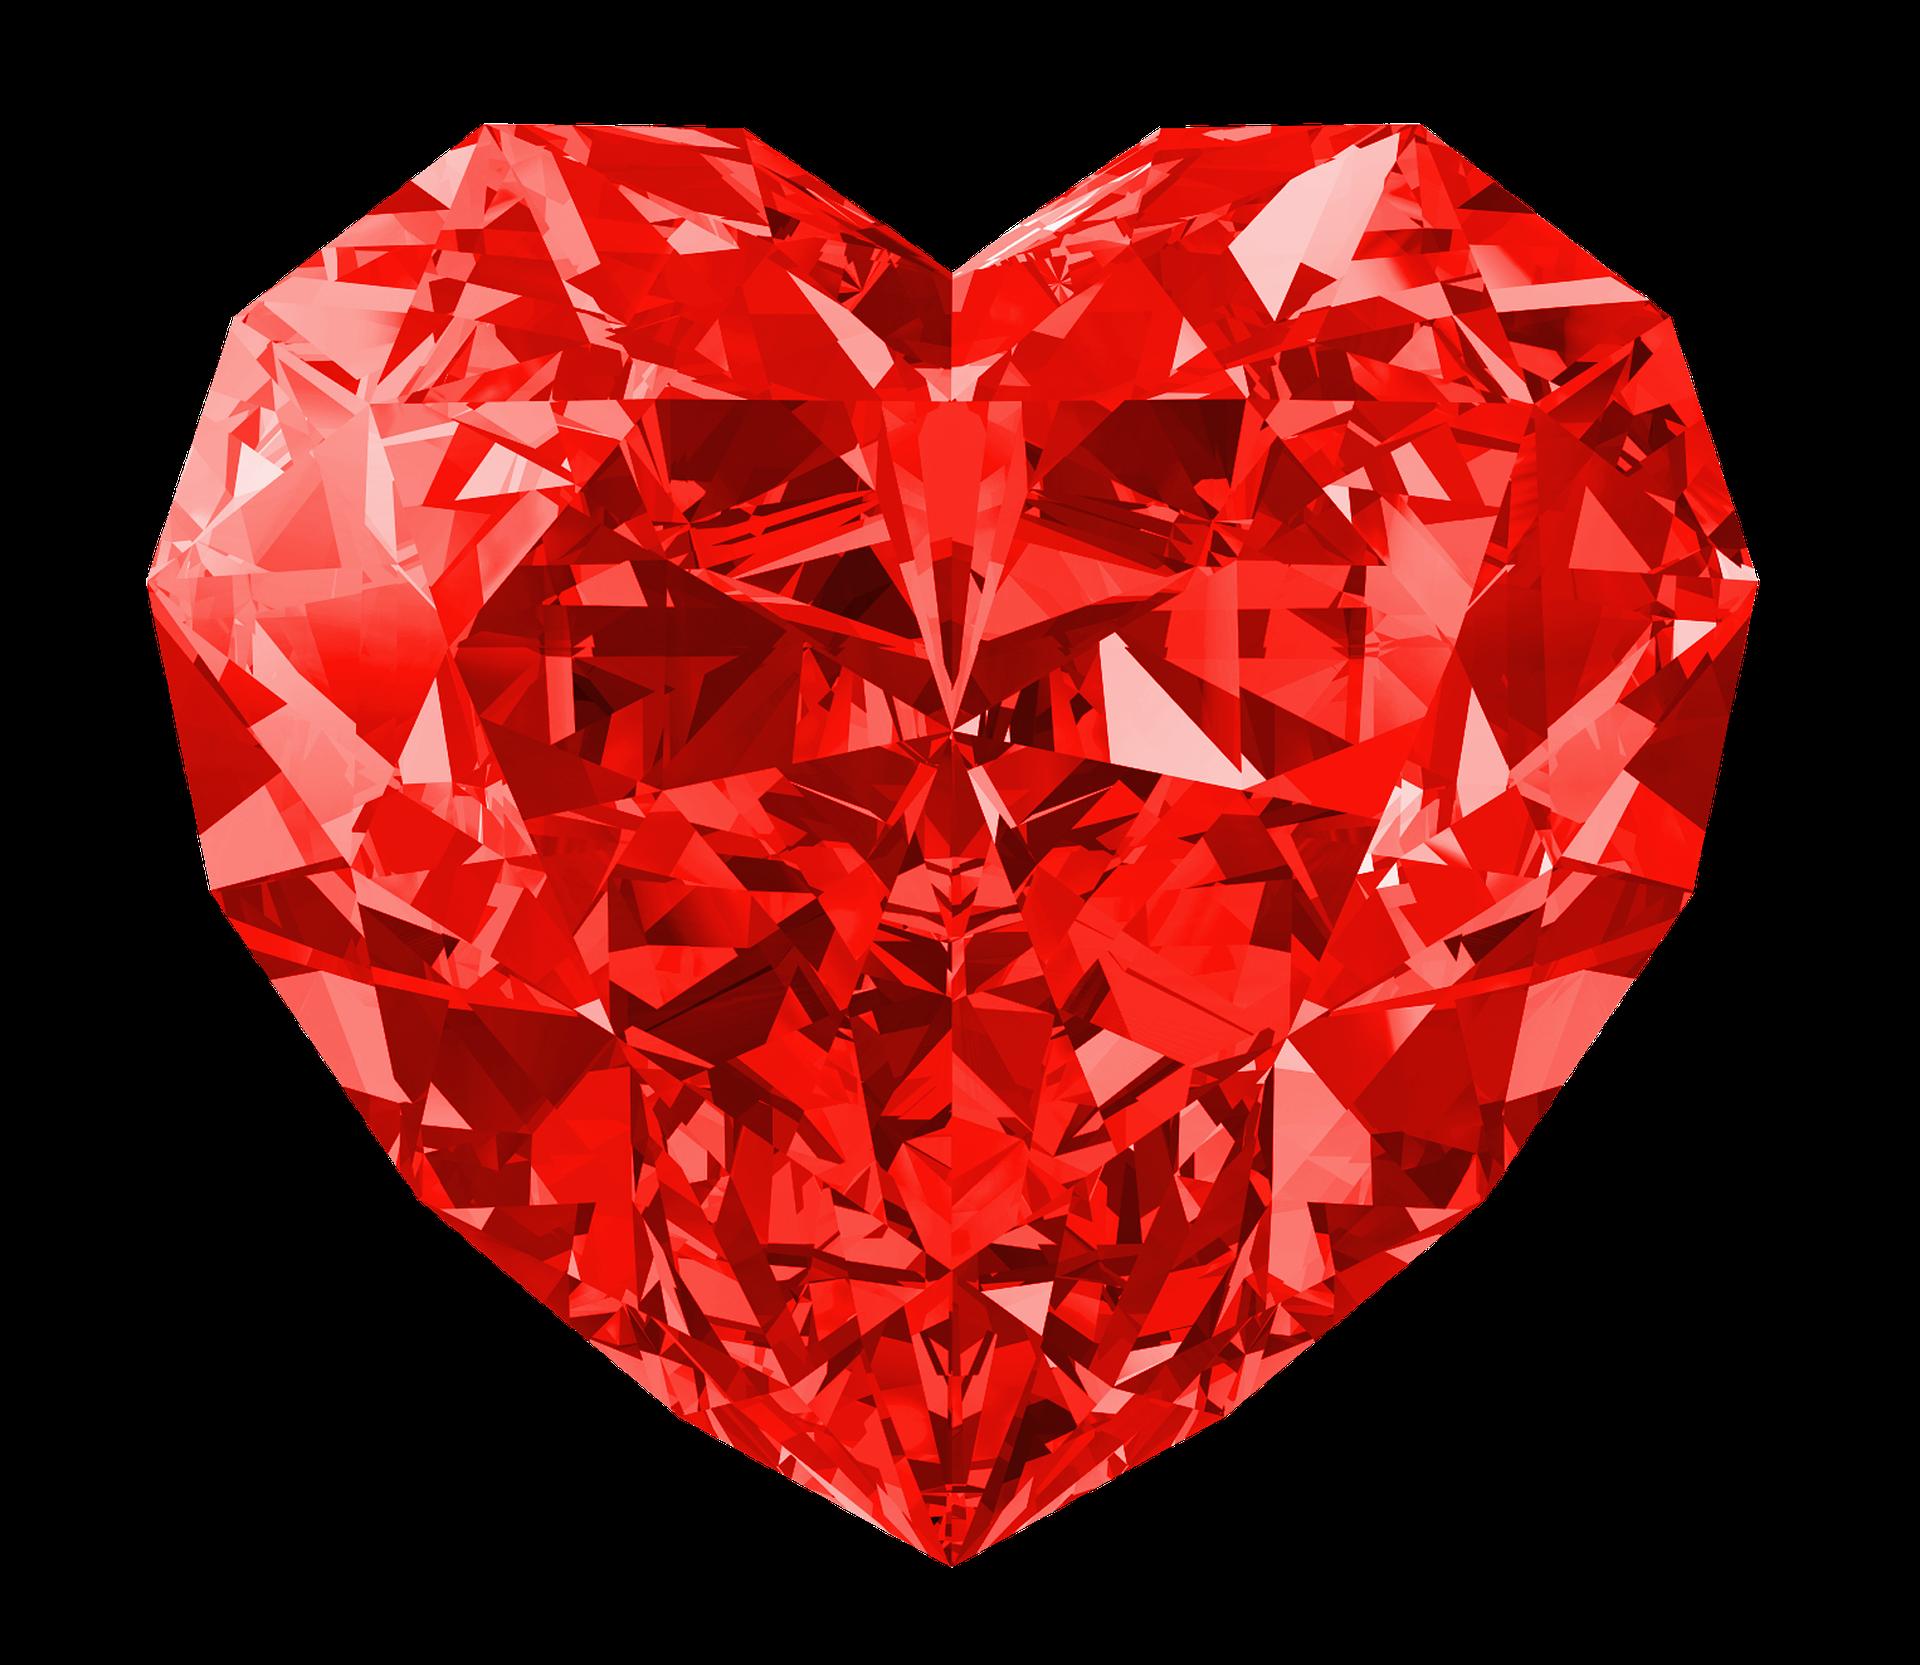 diamond-1857736_1920